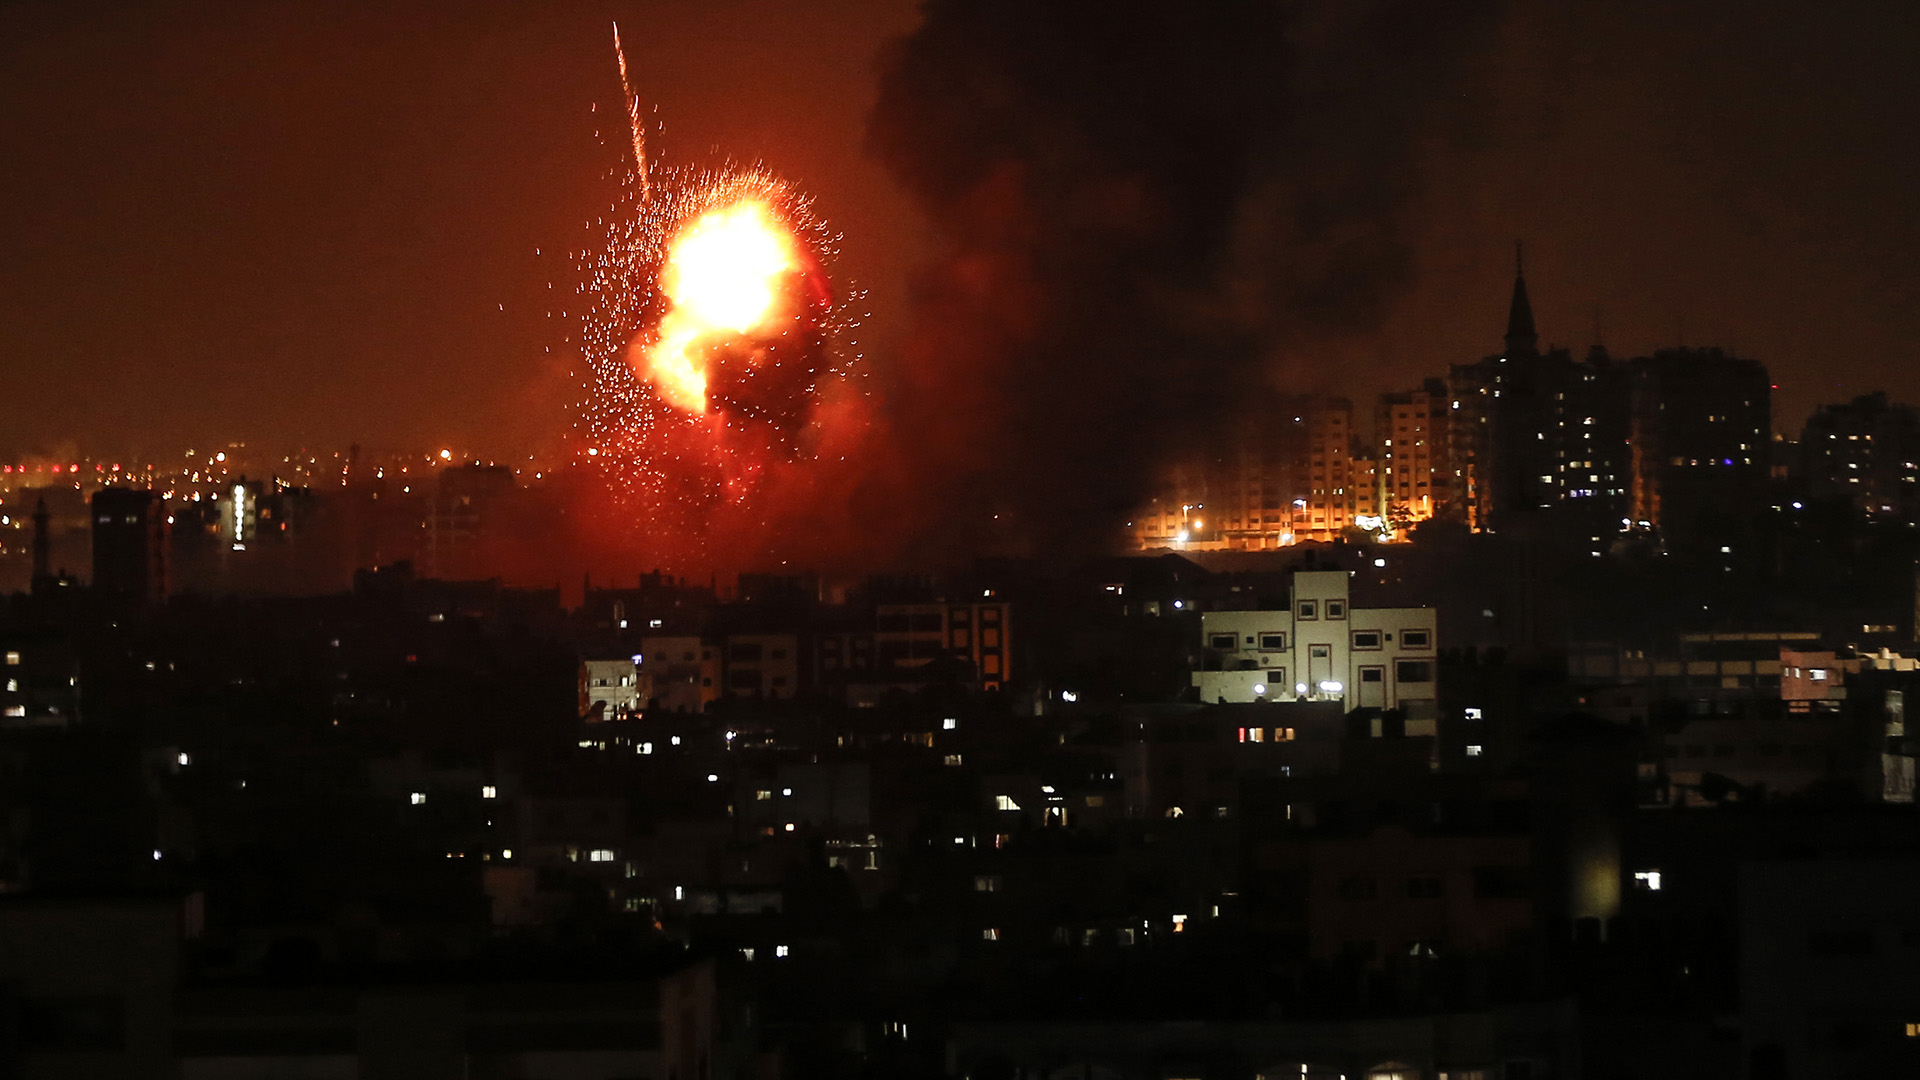 Tras los ataques, se acordó una tregua (AFP)